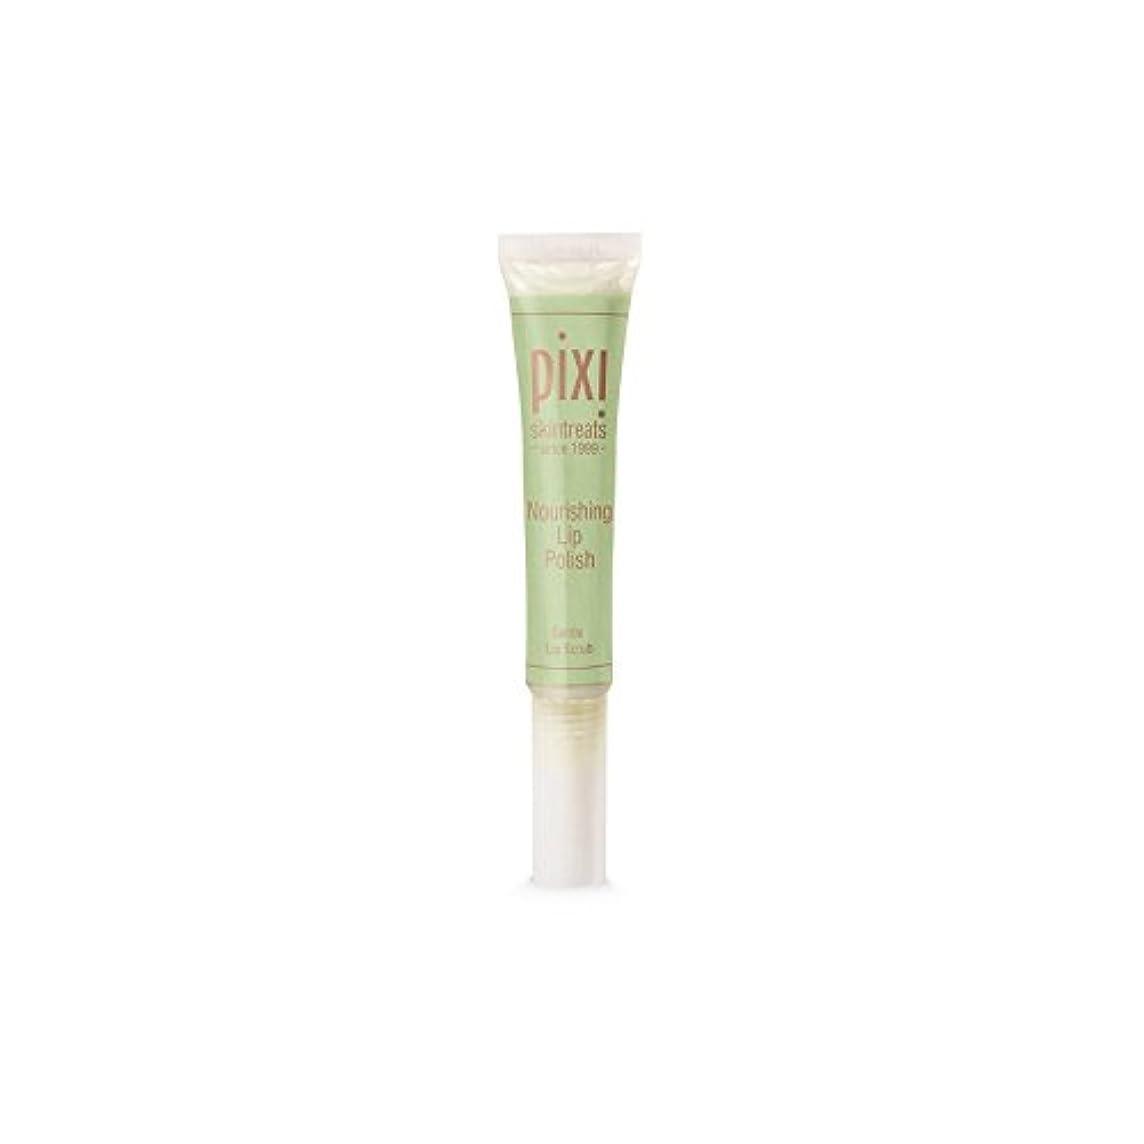 マットレスオーディション悪意栄養リップポリッシュ x2 - Pixi Nourishing Lip Polish (Pack of 2) [並行輸入品]